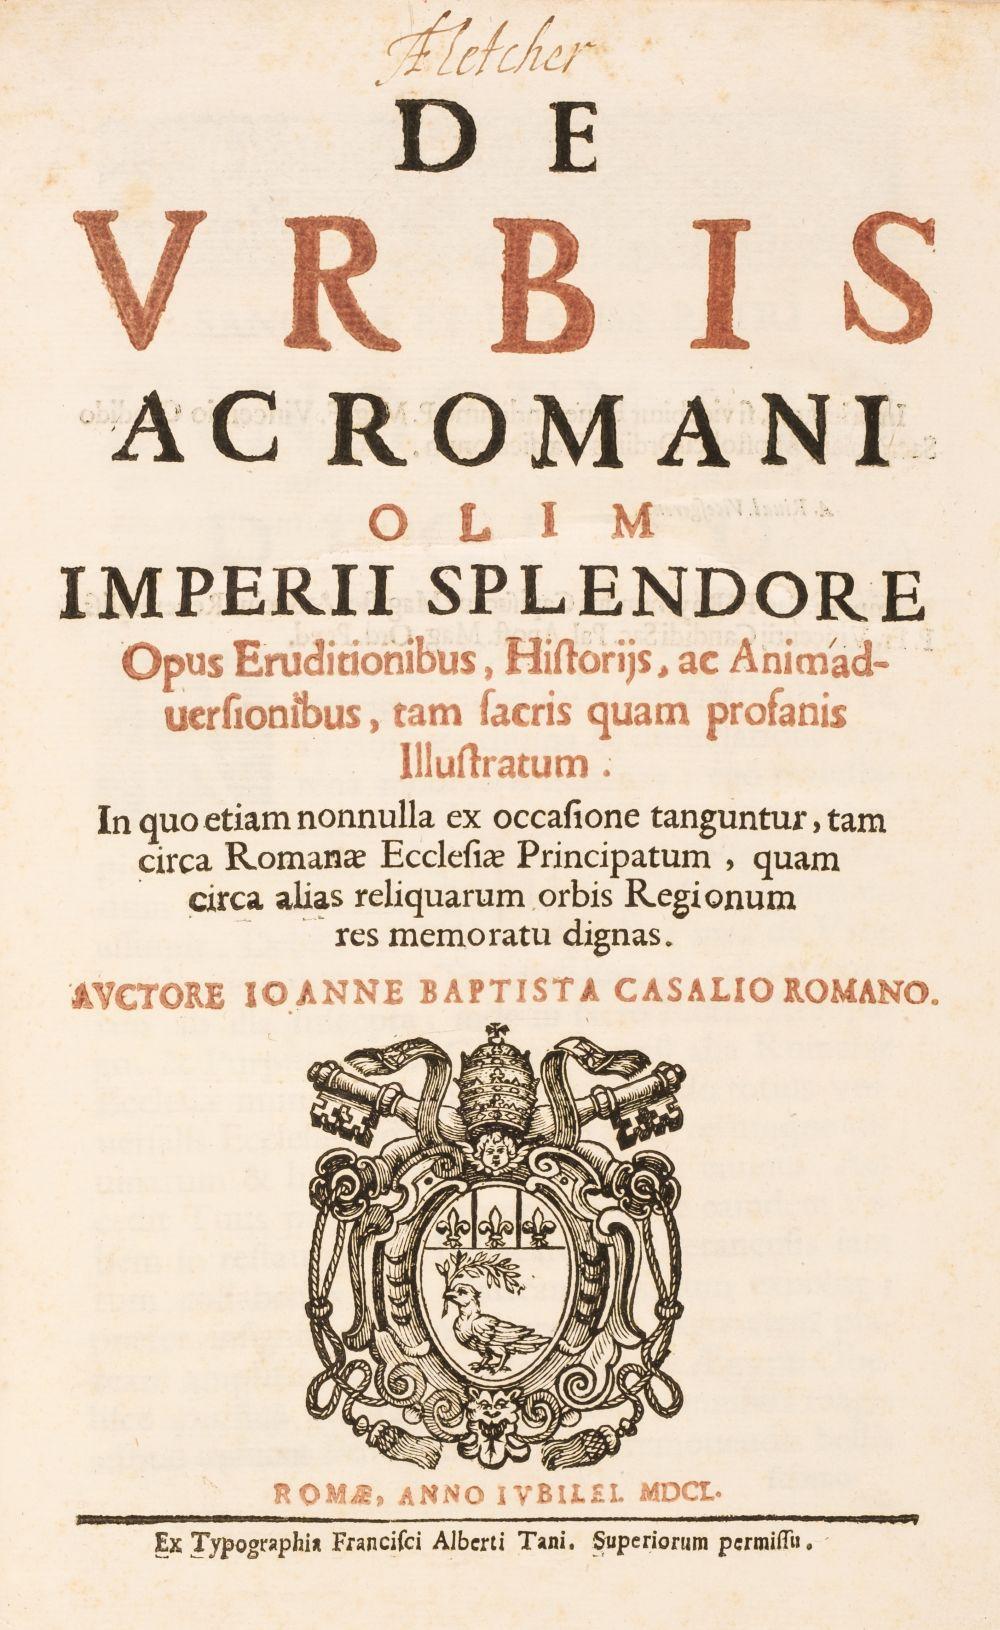 Casali (Giovanni Battista). De urbis ac Romani olim imperii splendore opus eruditionibus, 1650